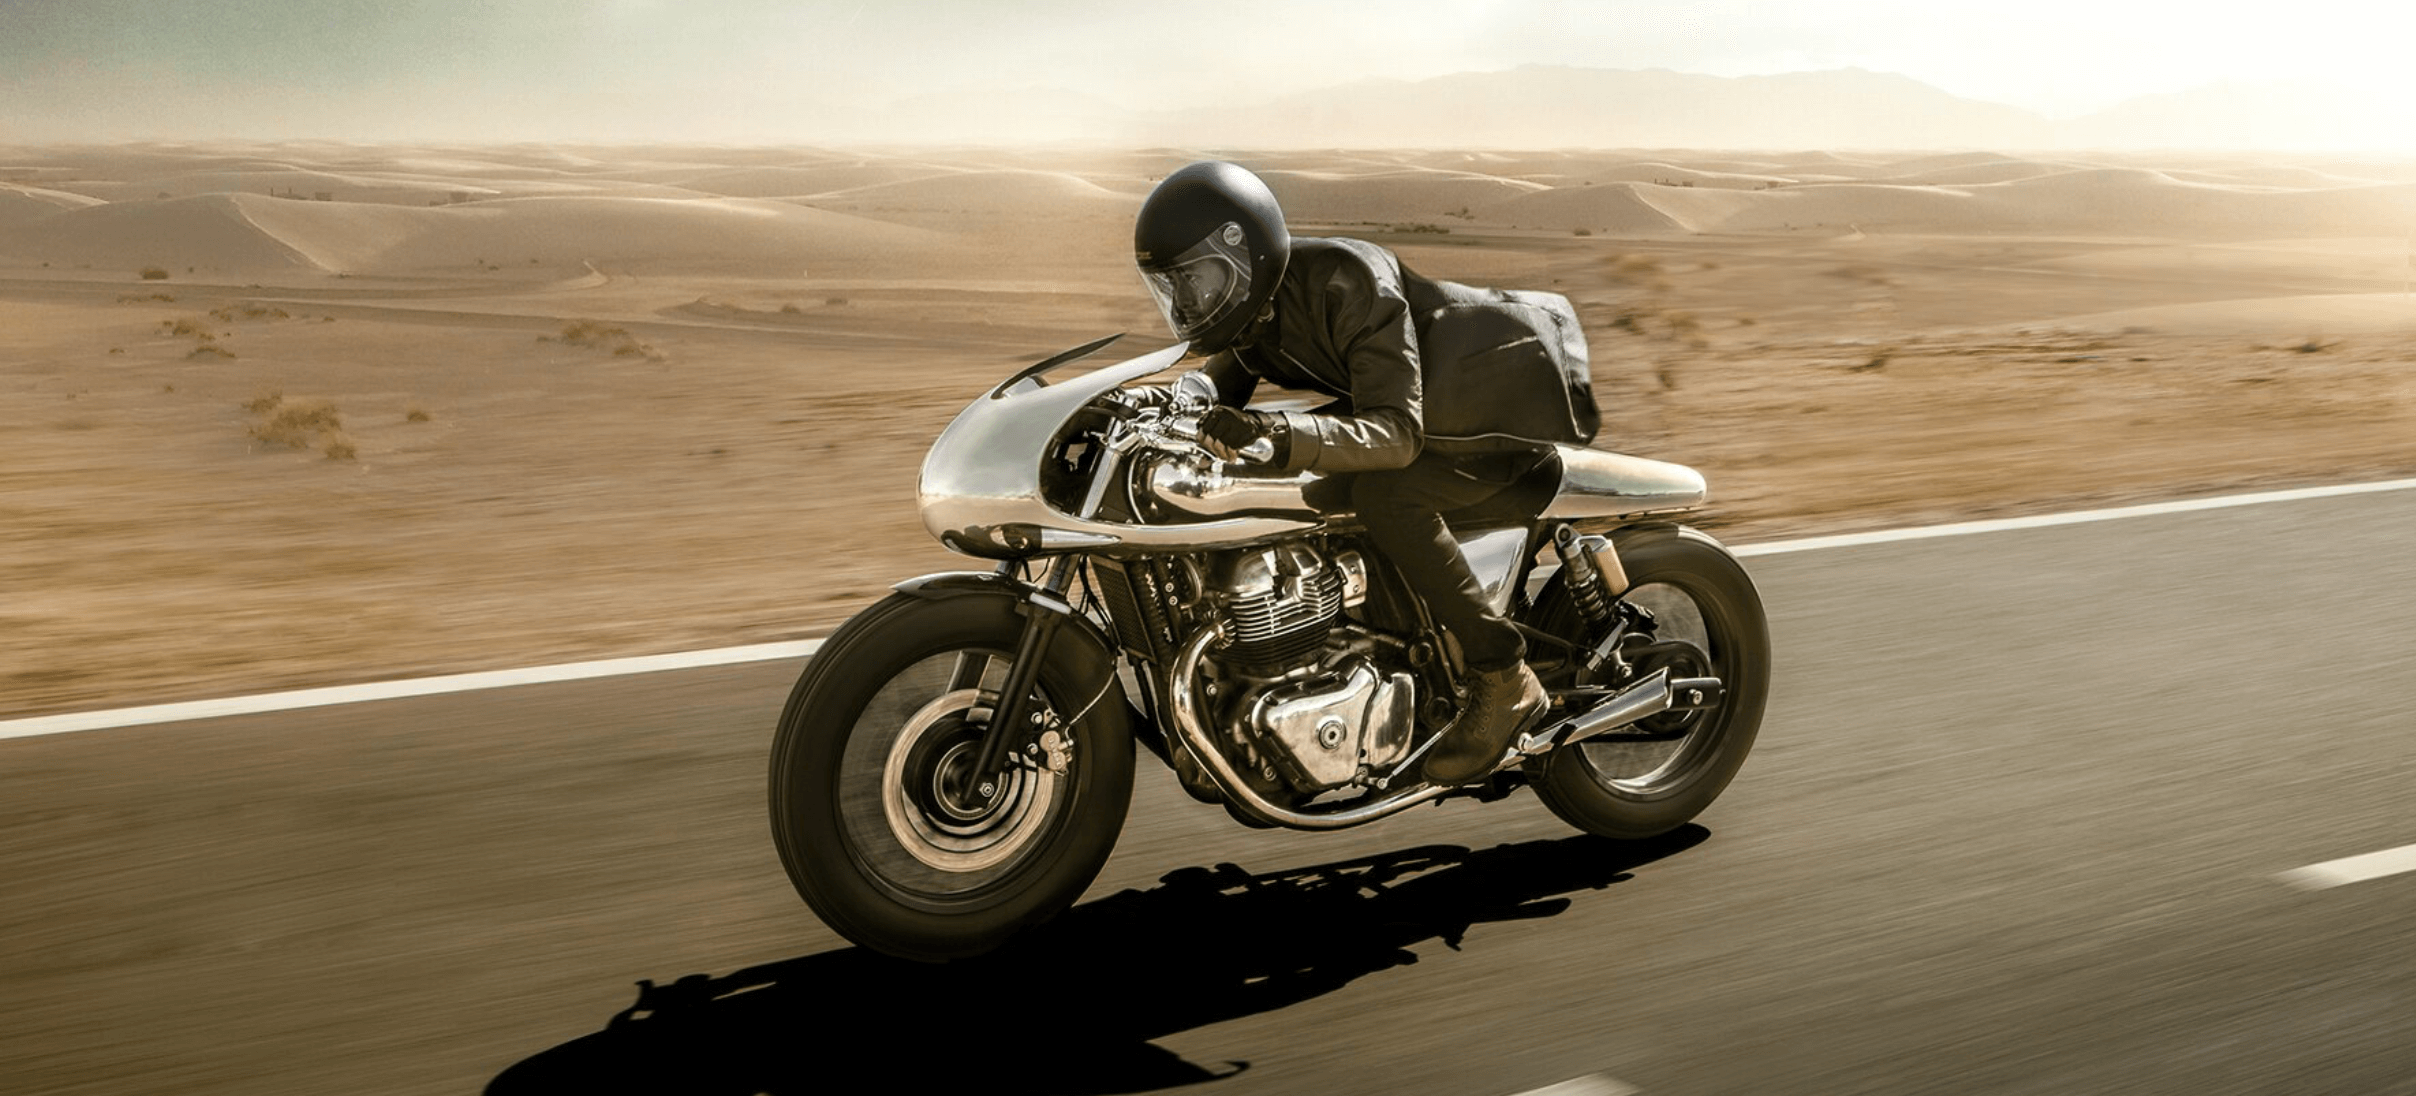 BANDIT9 JAEGER X ROYAL MOTORSİKLET yazılar